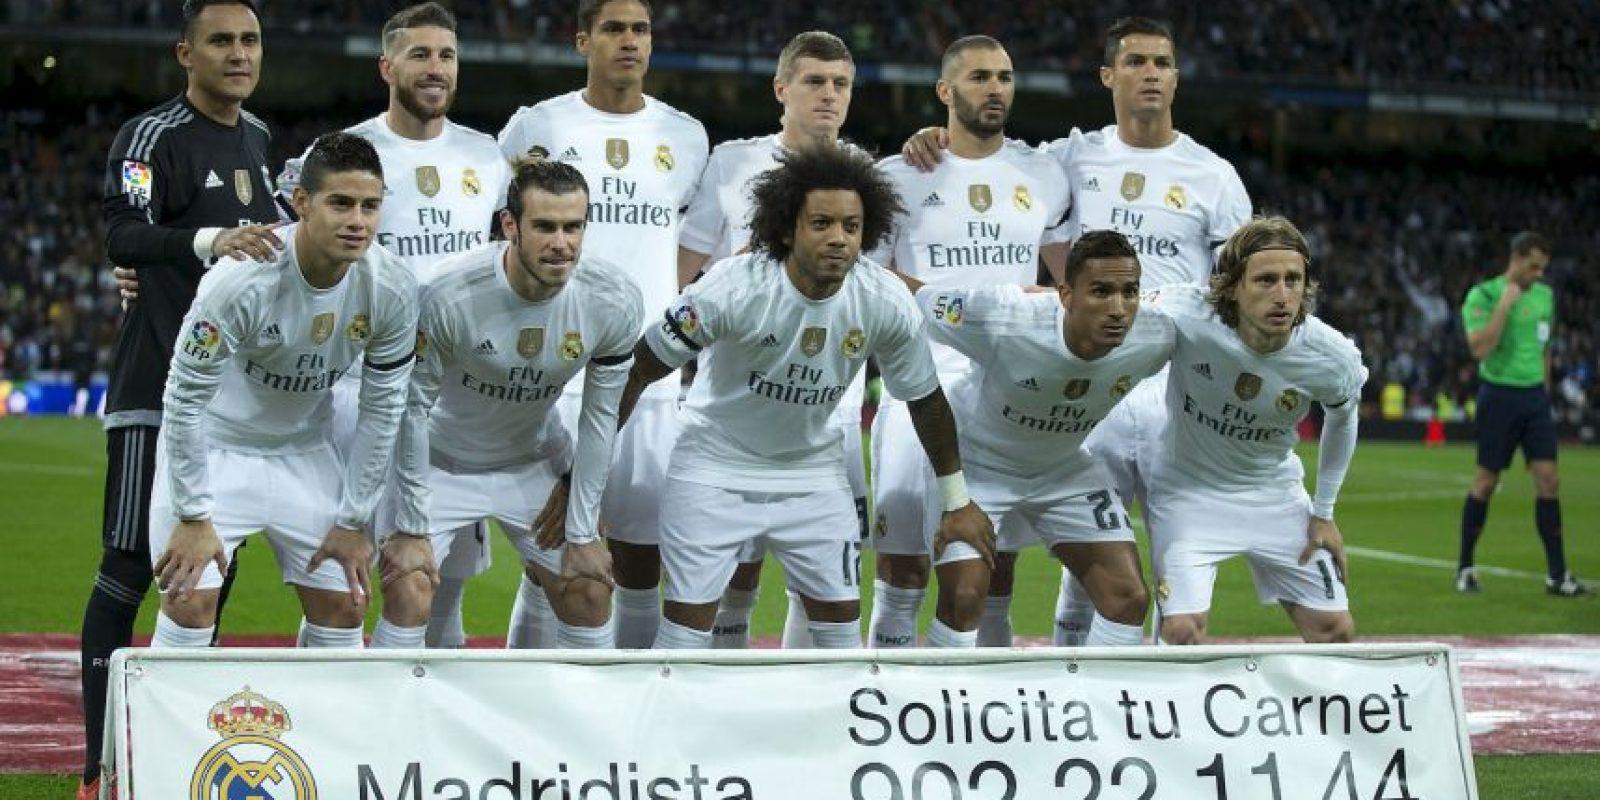 Los blancos fueron goleados por Barcelona en la fecha pasada Foto:Getty Images